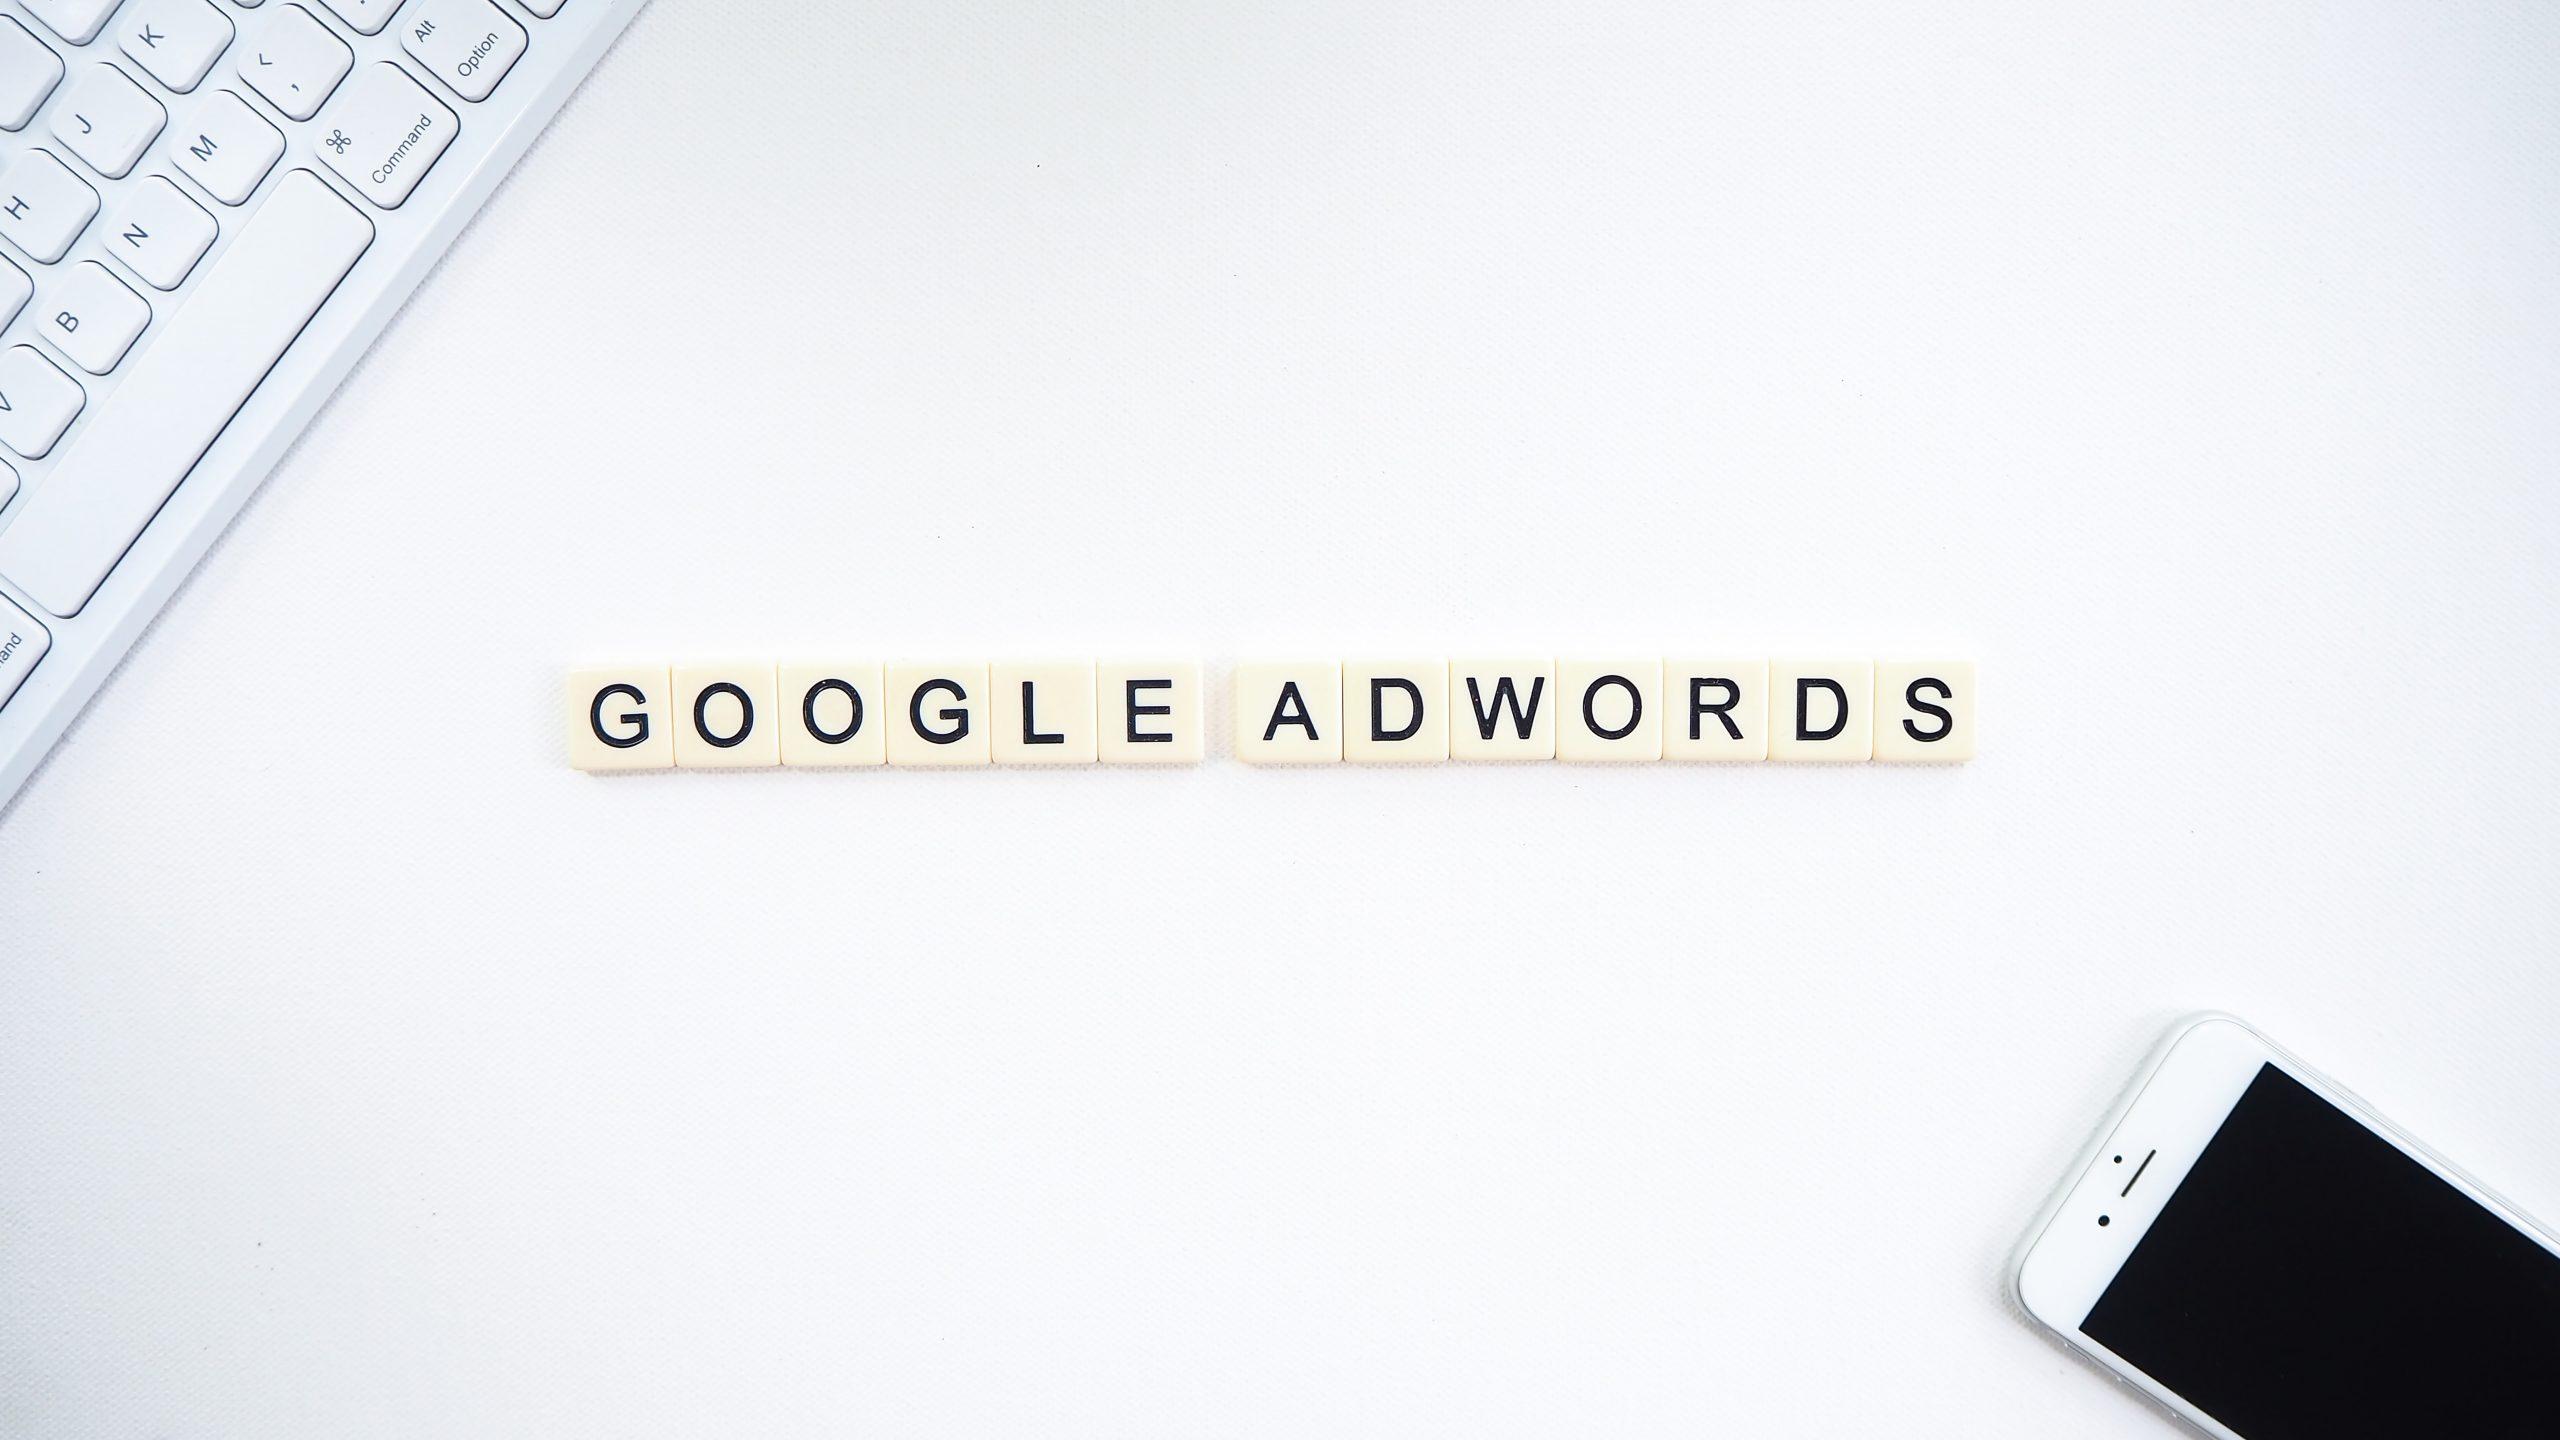 Devo ou não contratar uma agência de Google Ads?Confira aqui!